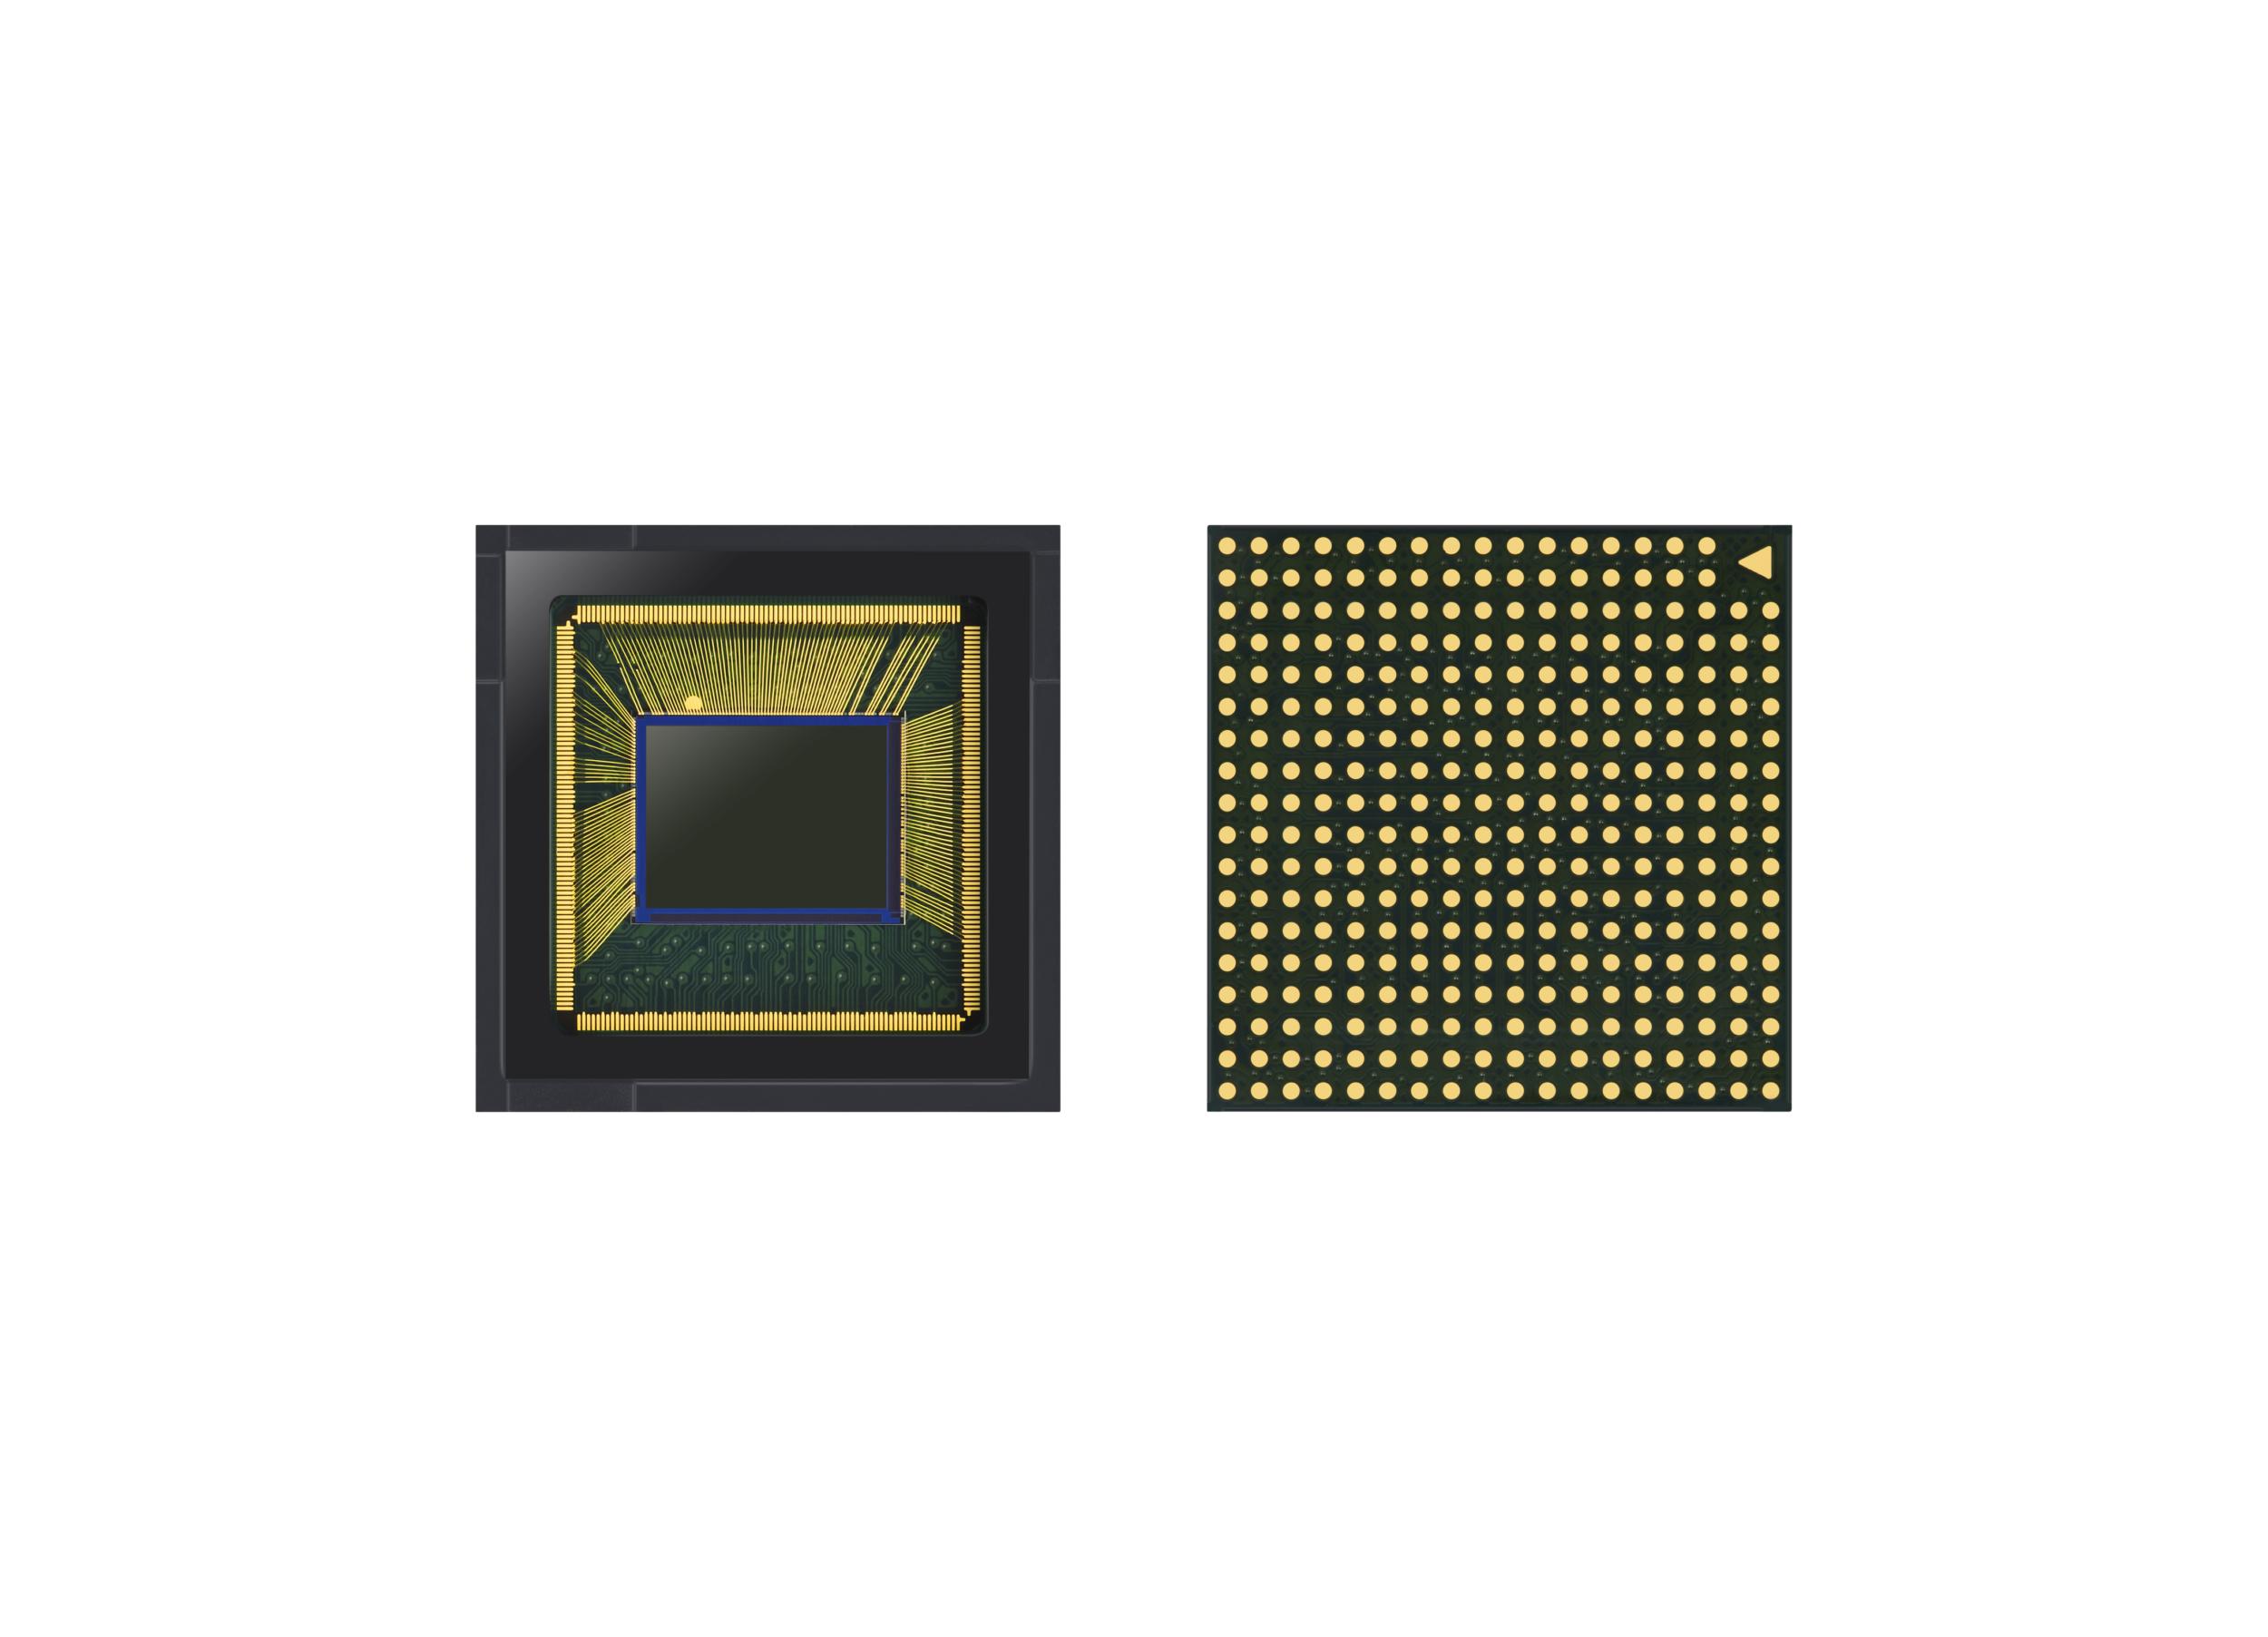 Samsung představil 64MPx senzor pro mobily